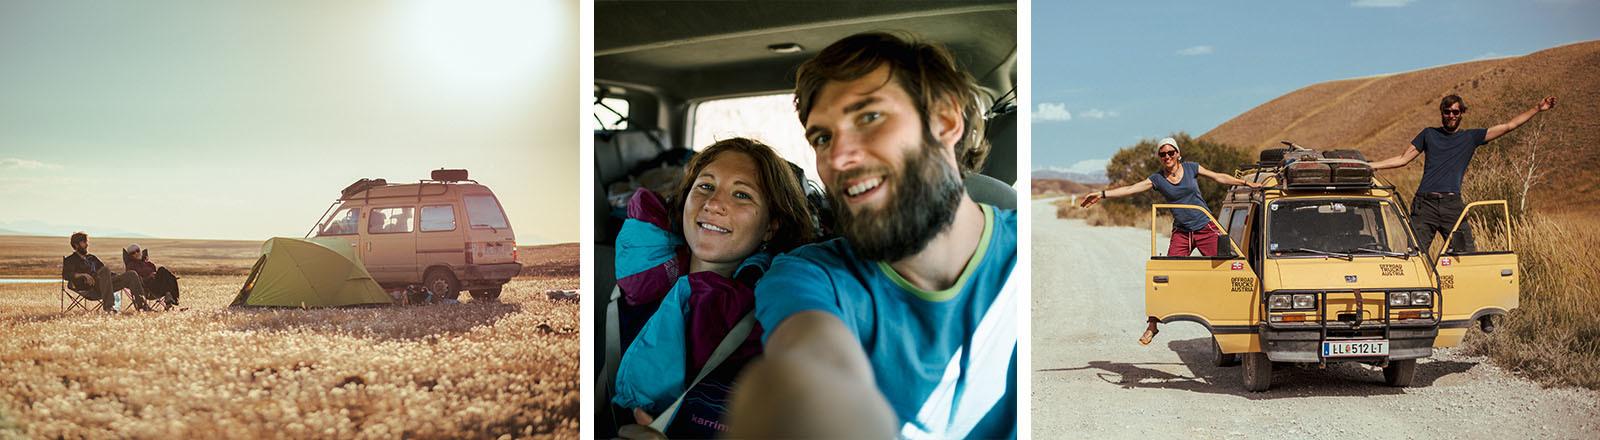 Vanessa Scharsching und Christian Biemann reisen durch Zentralasien.